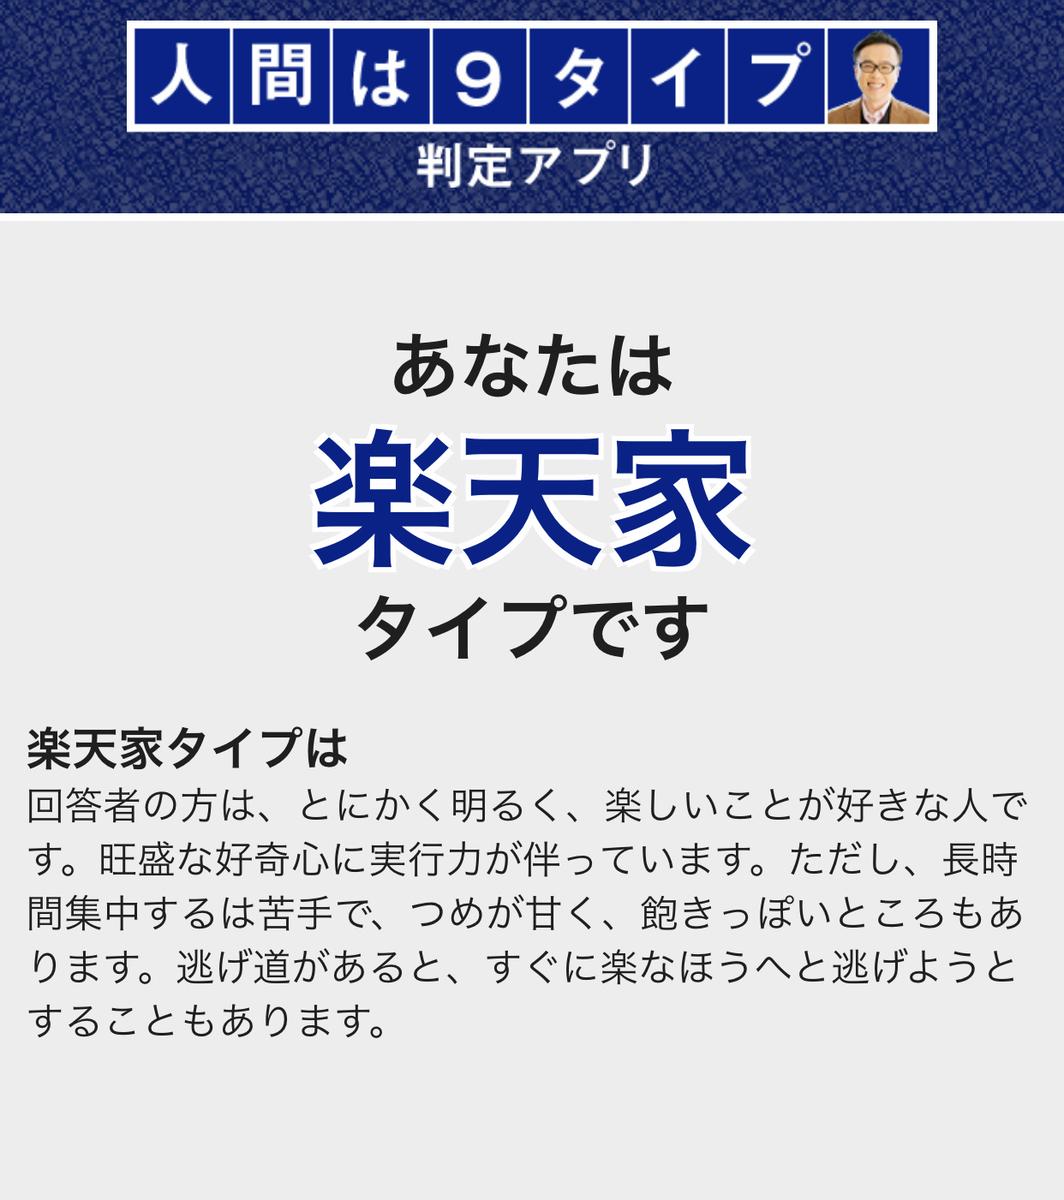 f:id:midori32:20190603235133j:plain